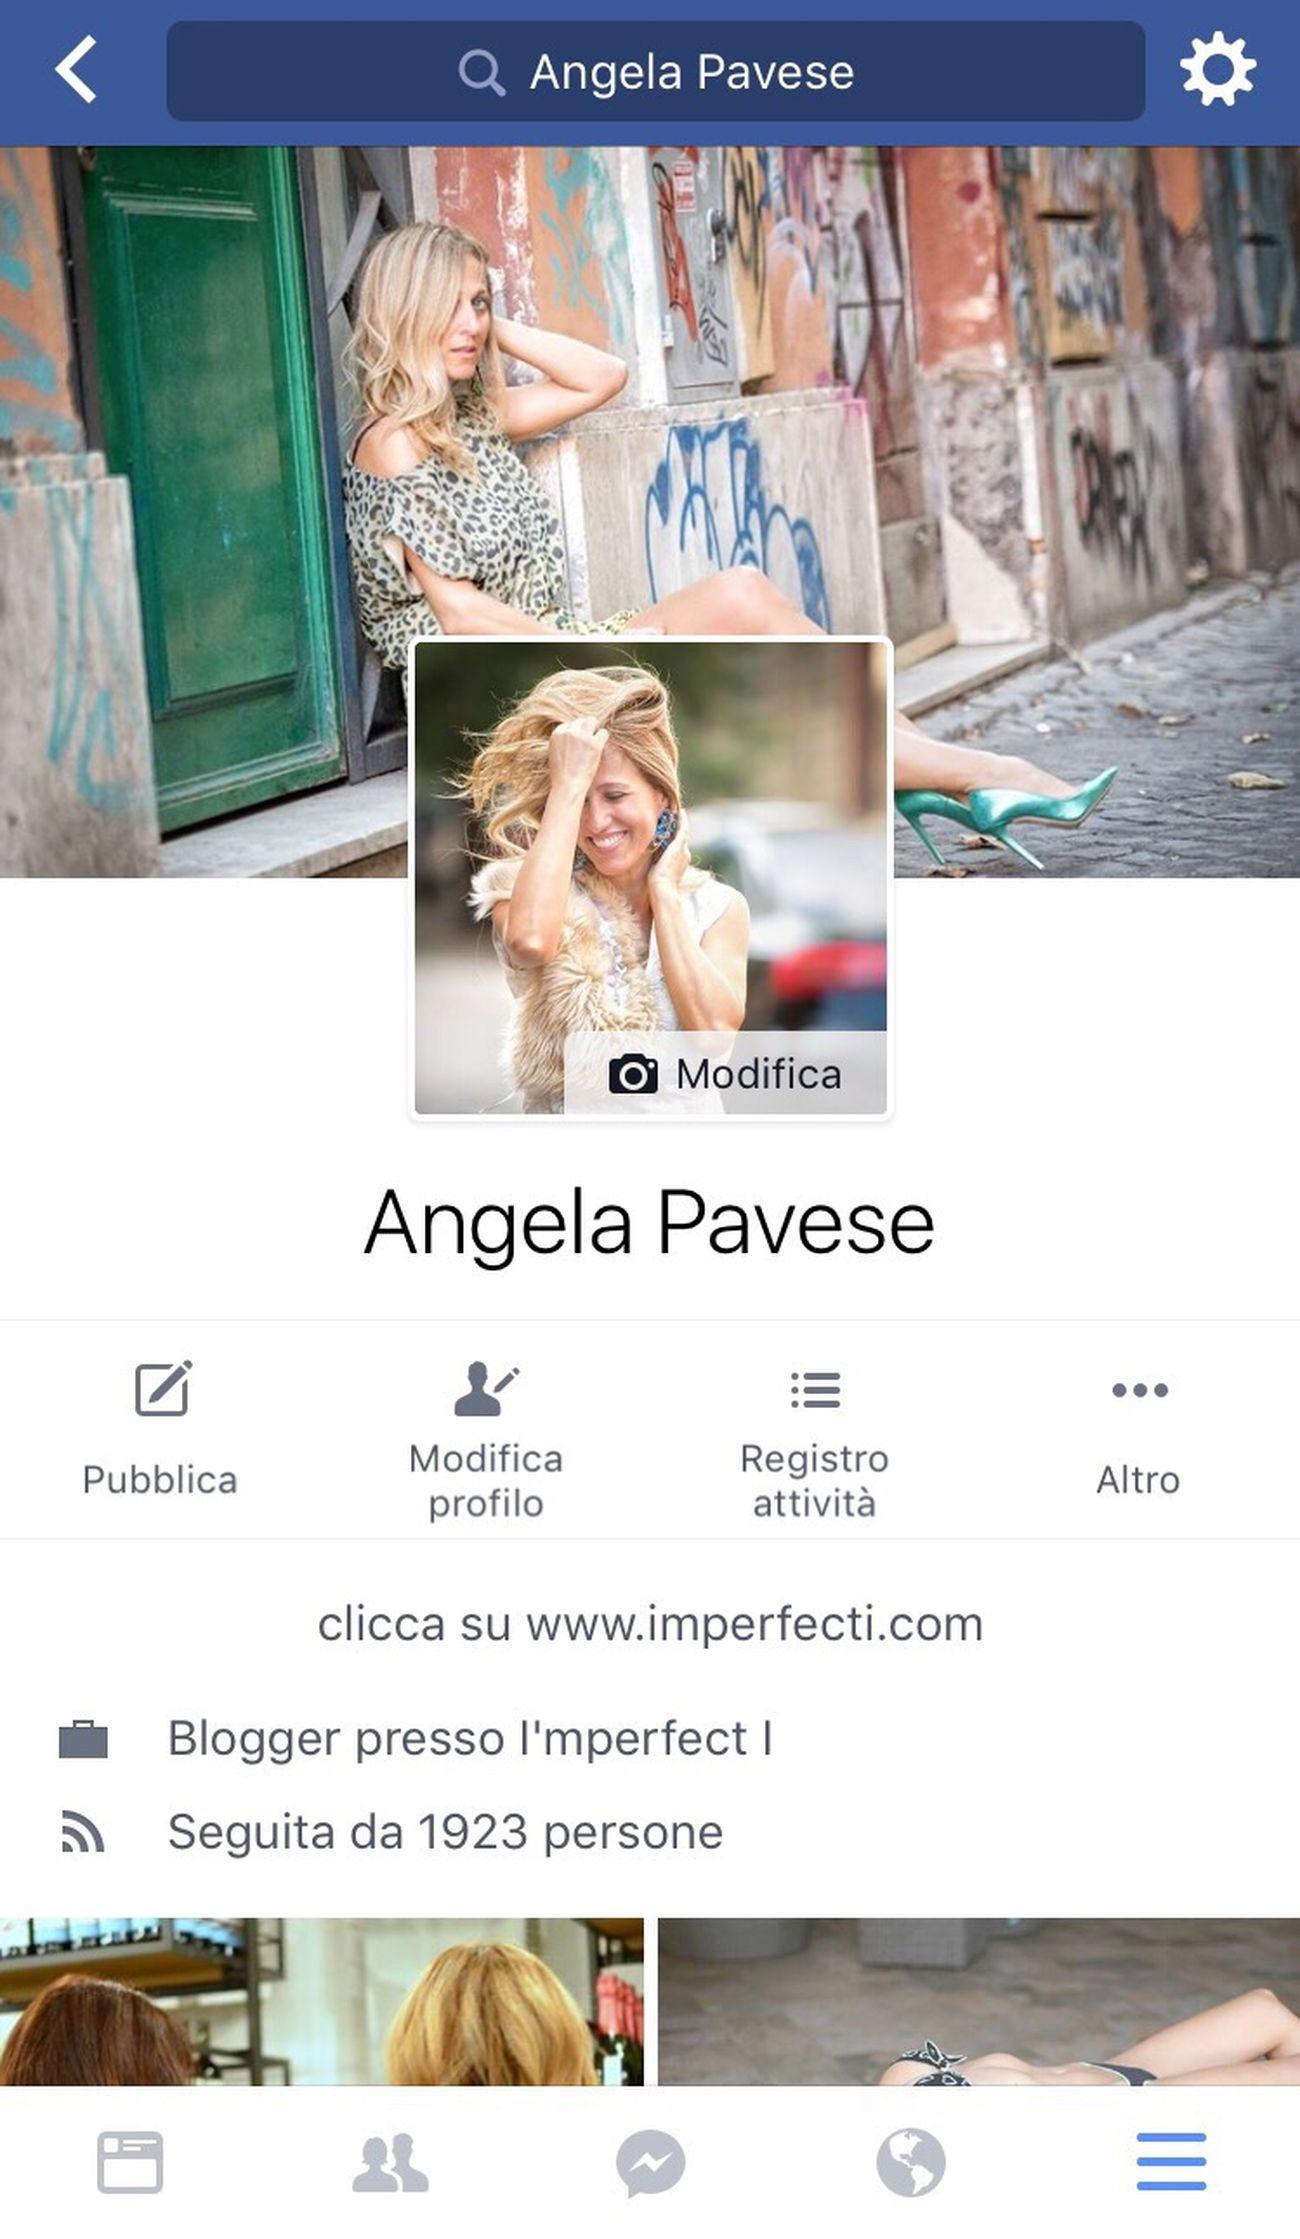 Imperfecti.com